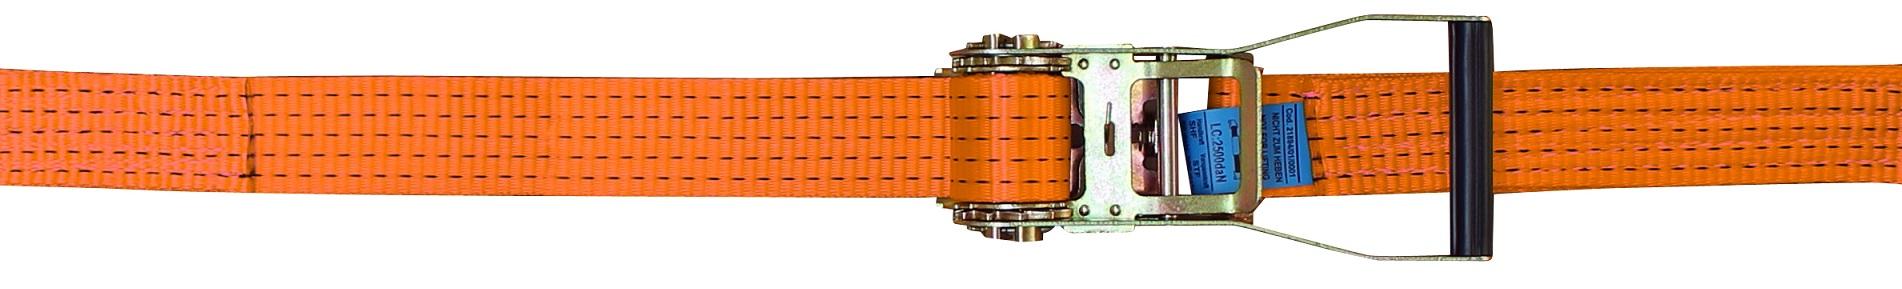 Ratschen Gurt Cargo 50 mm | 4.000 daN